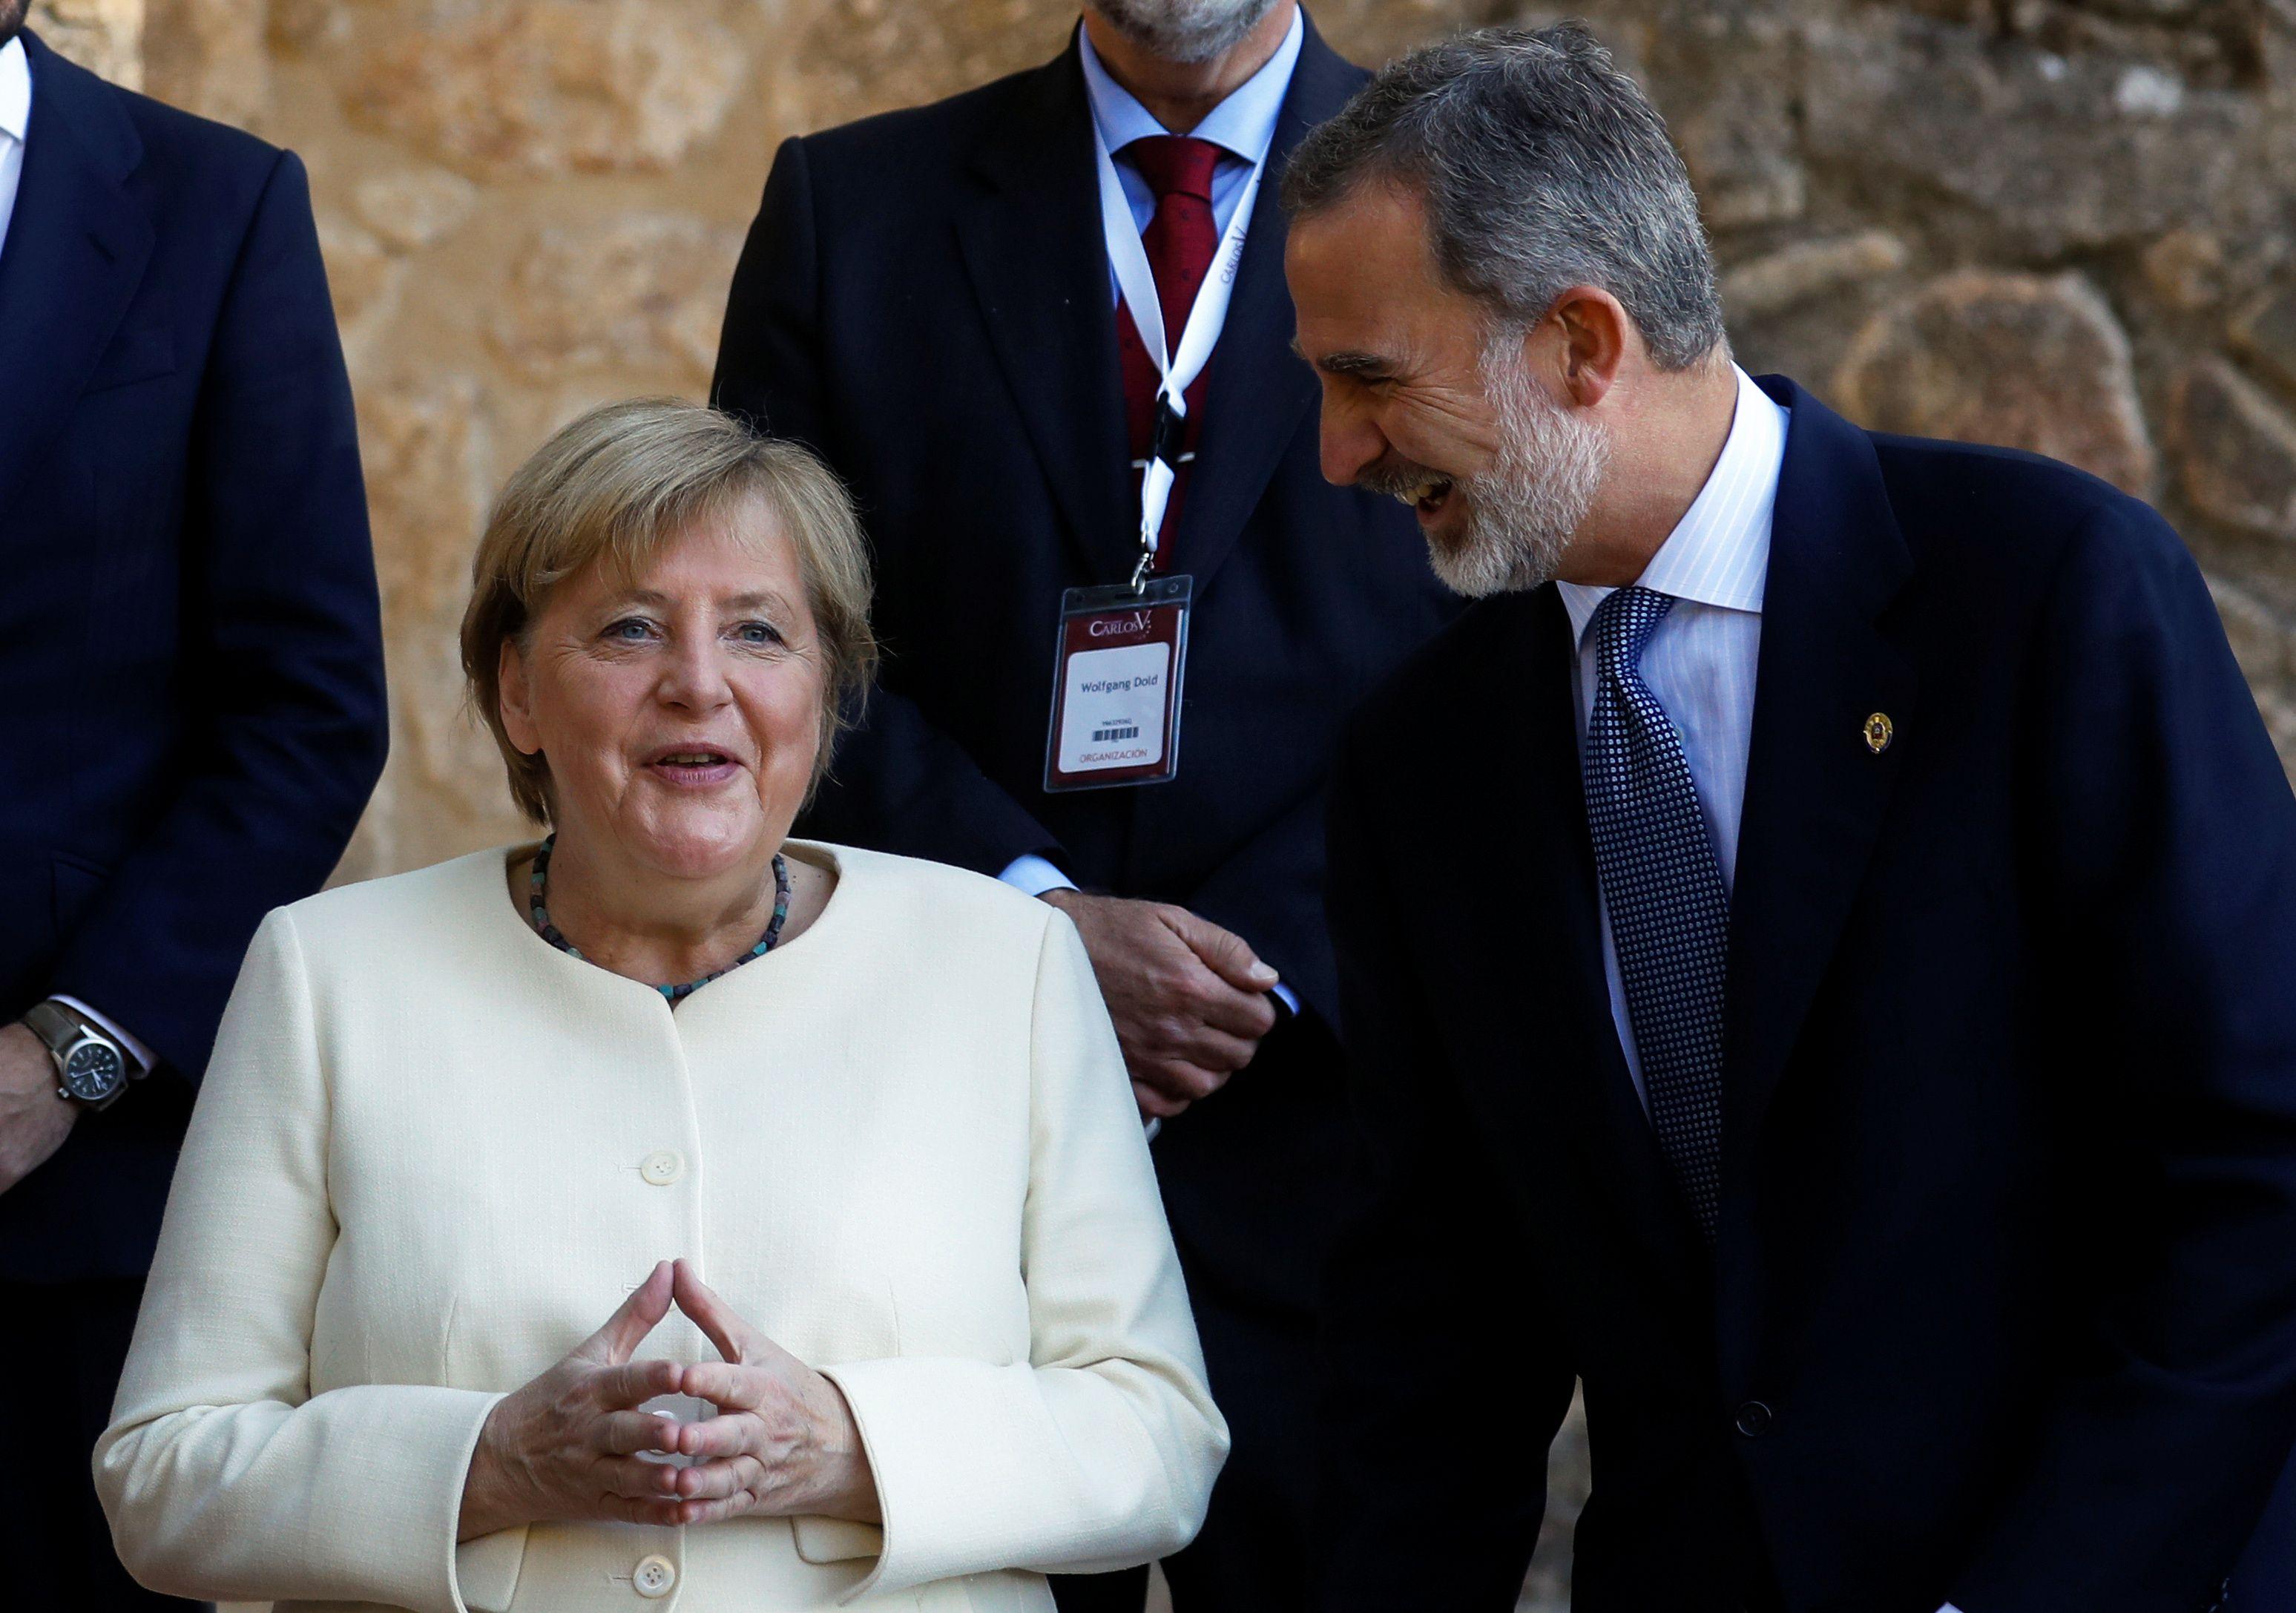 La canciller alemana Angela Merkel es recibida por el rey Felipe de España. REUTERS / Susana Vera